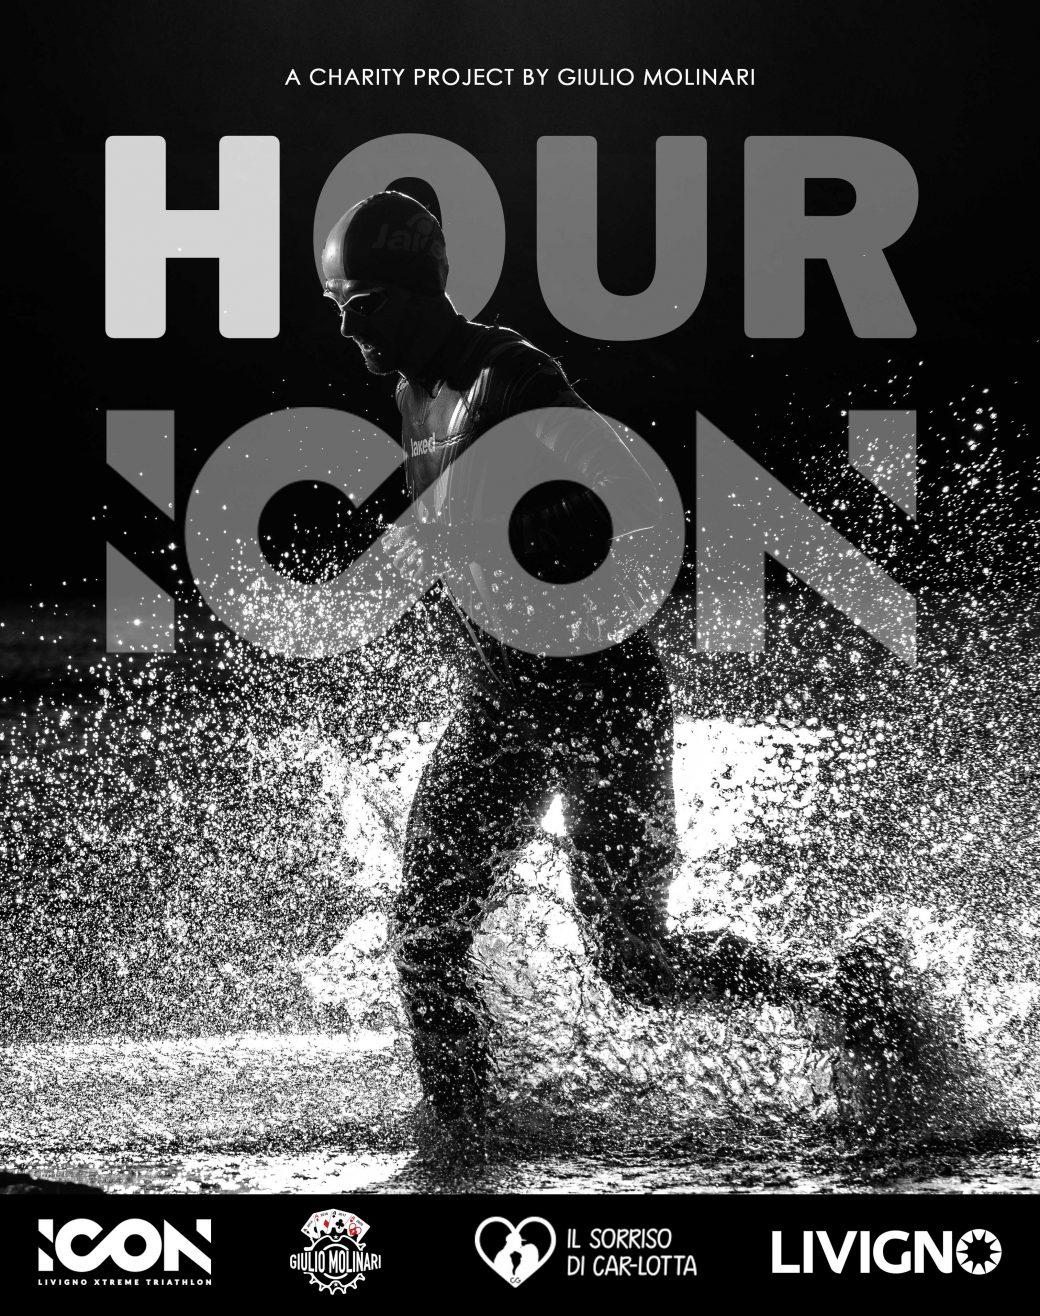 Hour Icon Giulio Molinari